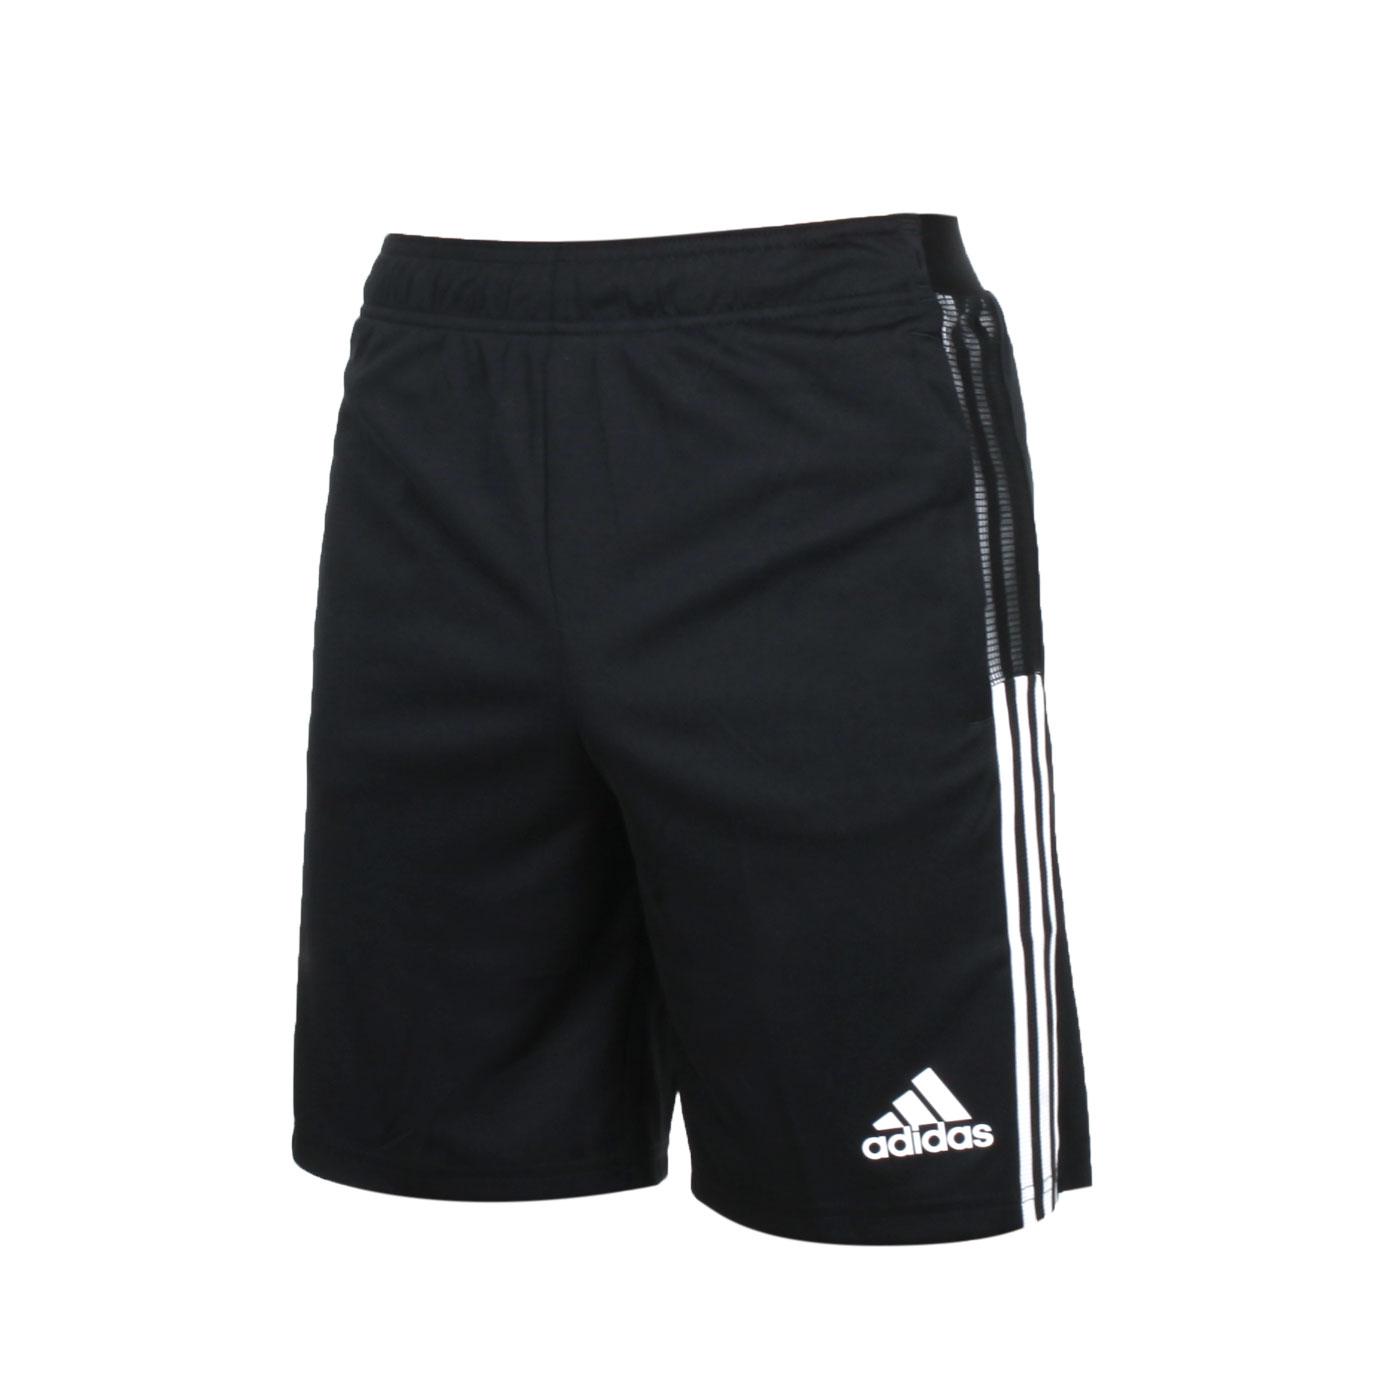 ADIDAS 大童足球短褲 GN2161 - 黑白